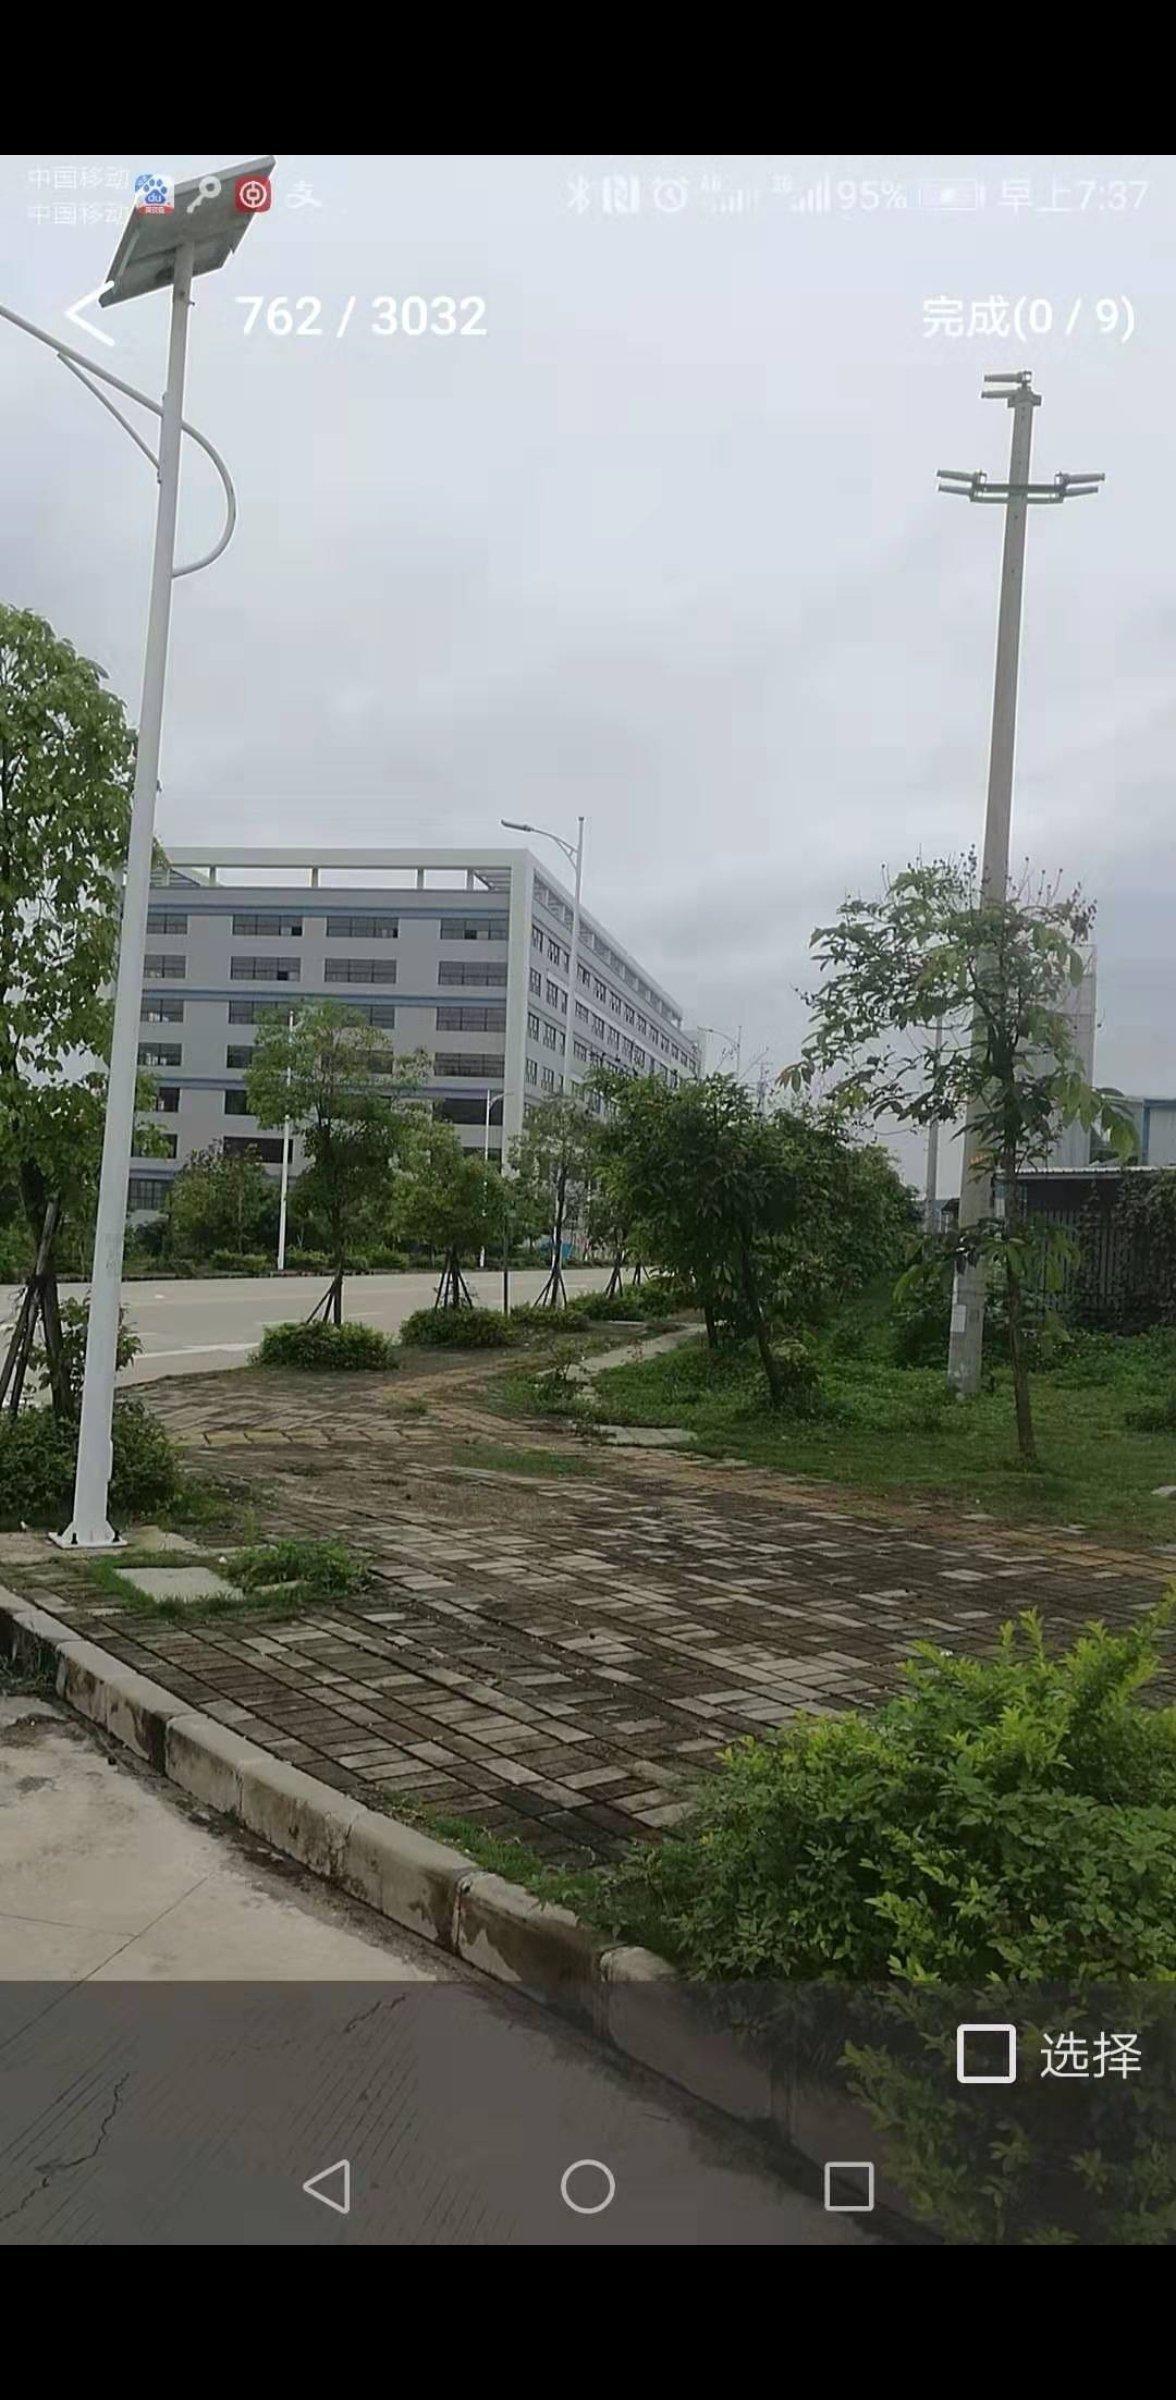 博罗镇第18000建筑11,000红本厂房售价4300万。